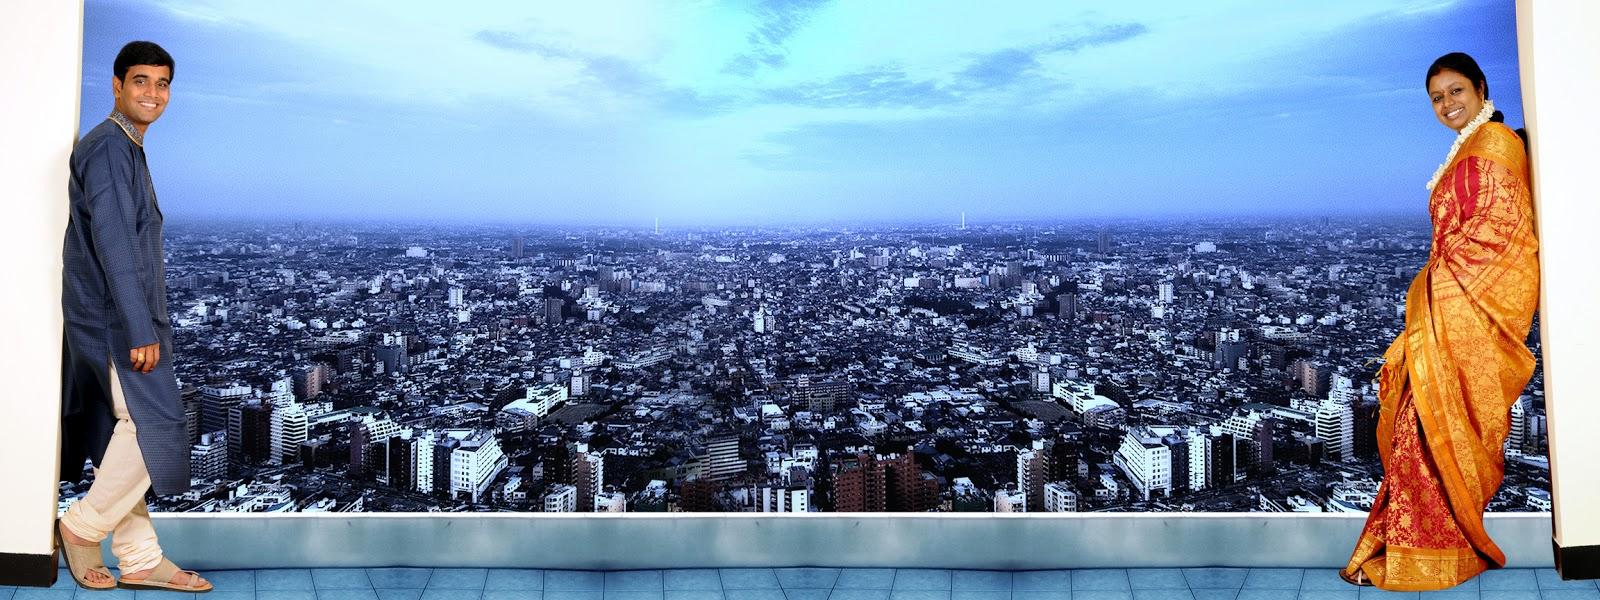 Fablus Photo Album Maker In India Canada US UK London CHENNAI WEDDING ALBUM DESIGNING Service